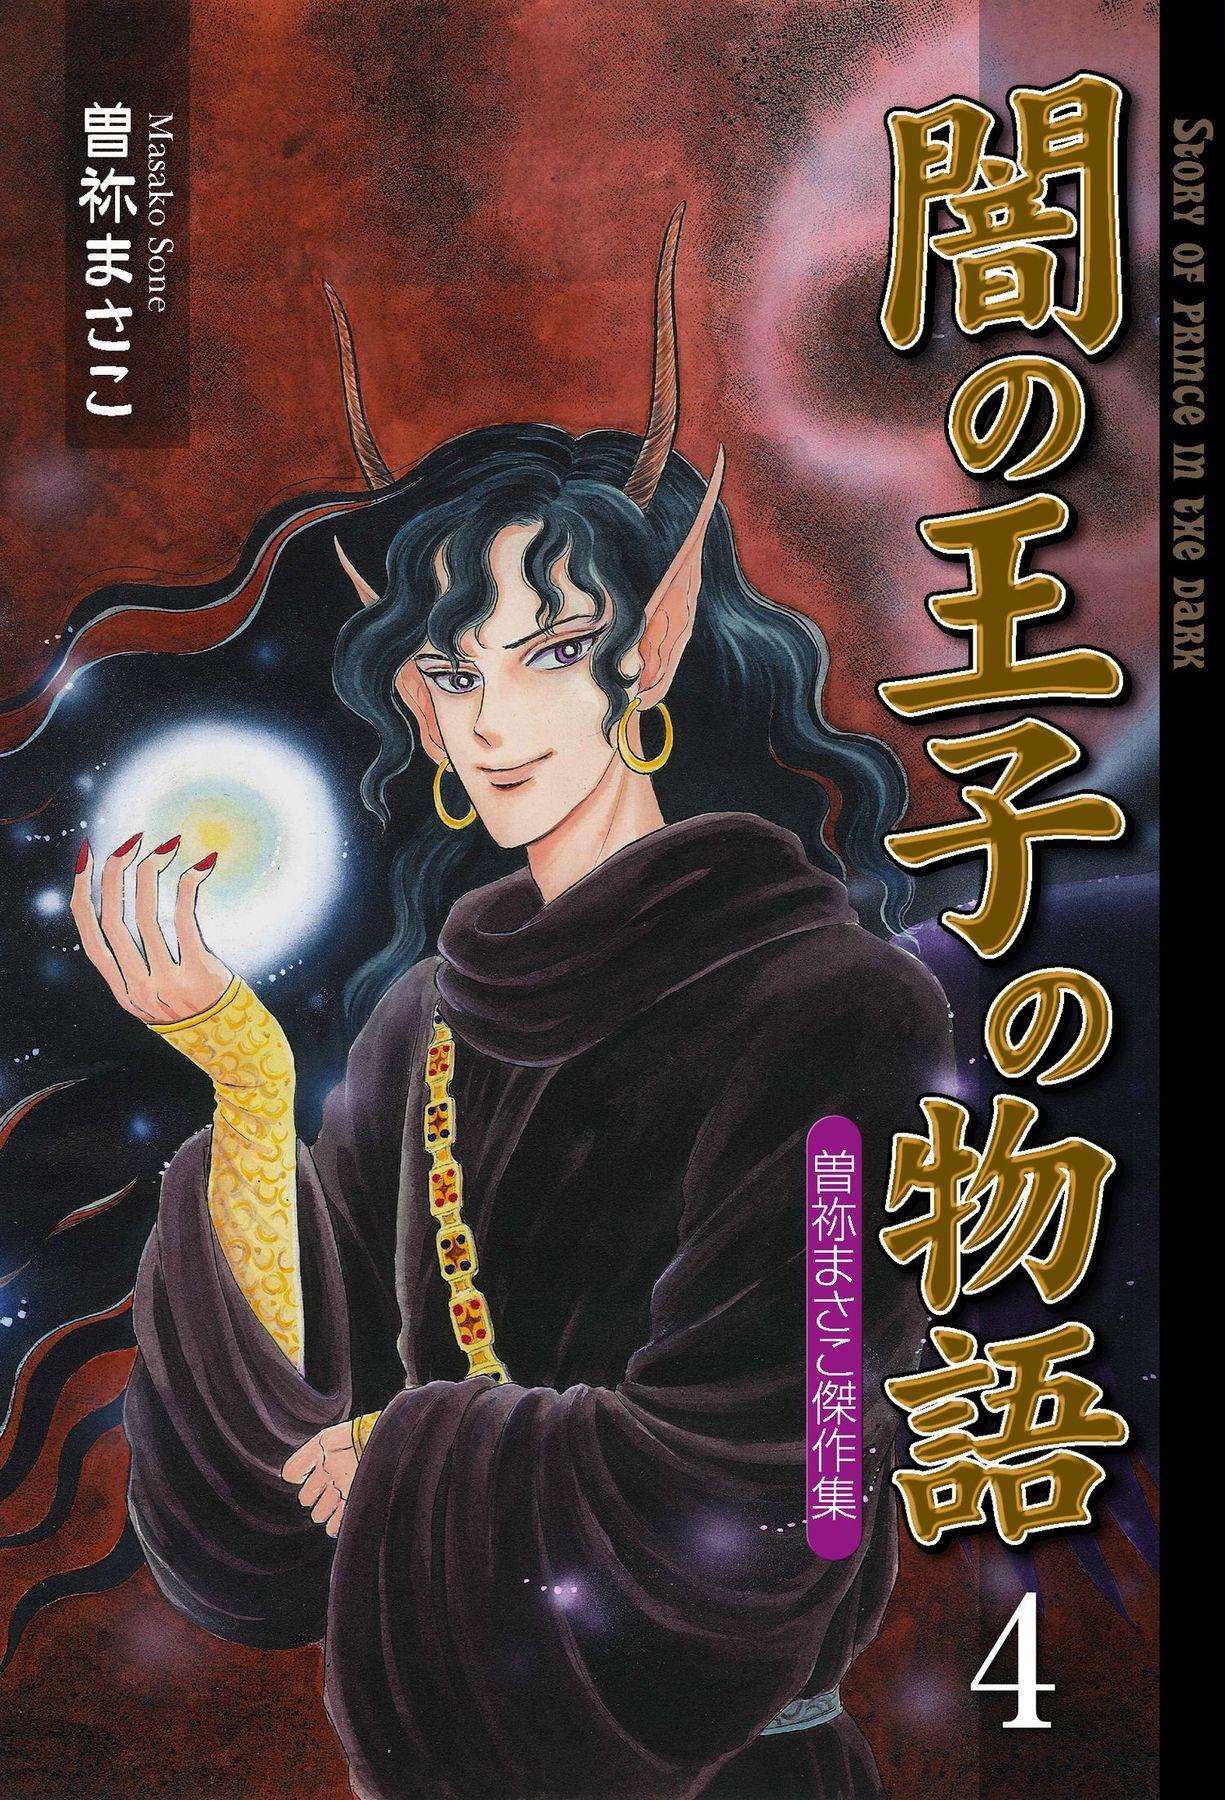 闇の王子の物語 曽祢まさこ傑作集(第4巻)